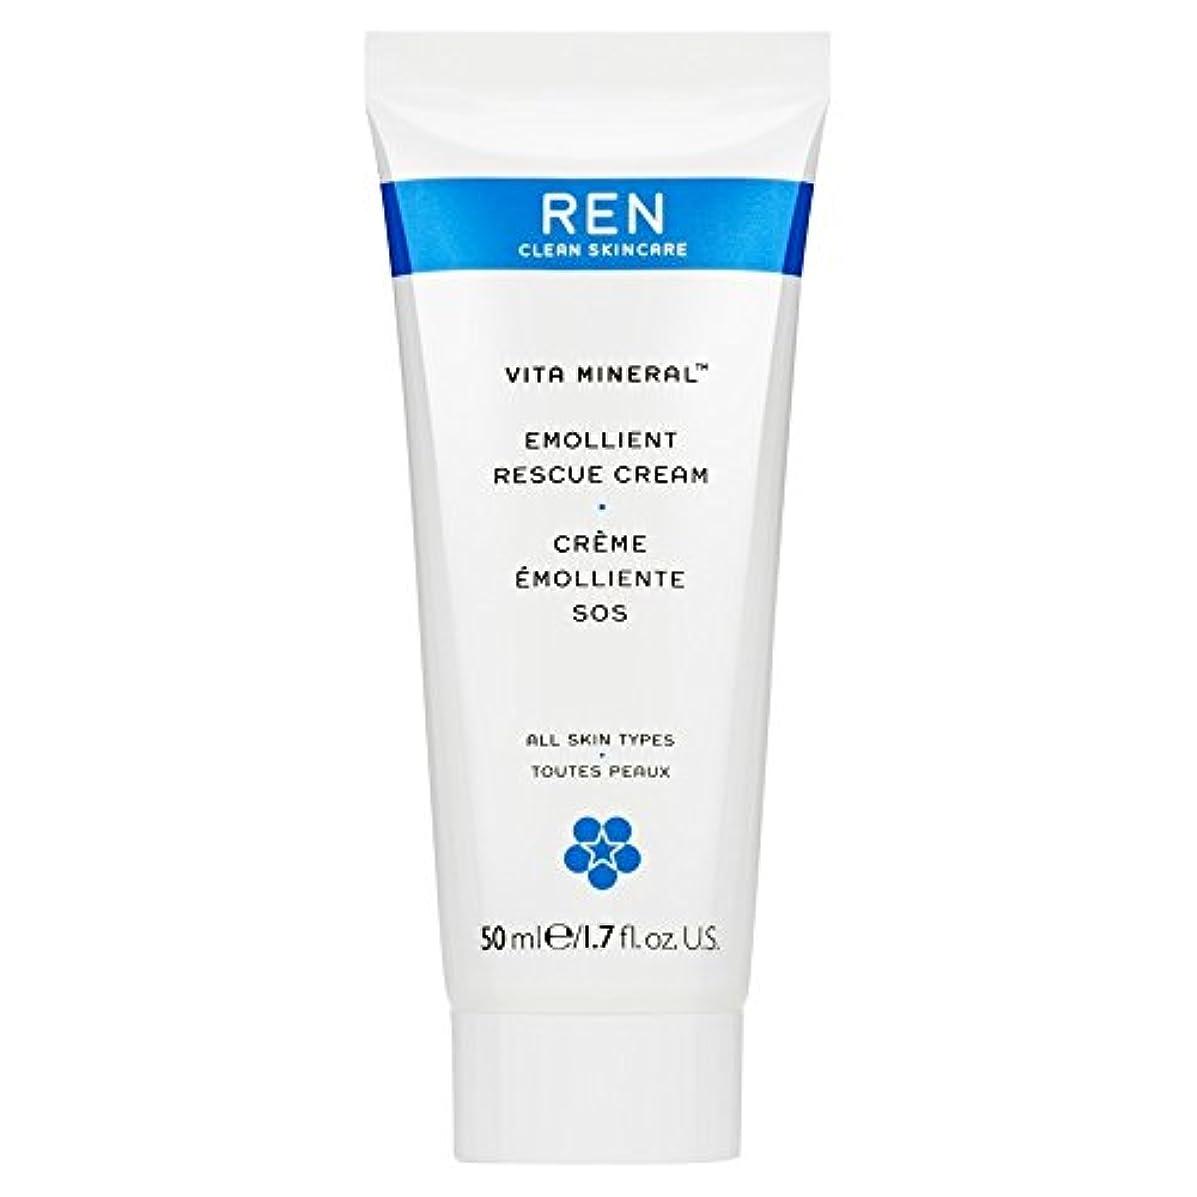 雪のマニュアルホースRenヴィータミネラルレスキュークリーム、50ミリリットル (REN) (x2) - REN Vita Mineral Rescue Cream, 50ml (Pack of 2) [並行輸入品]